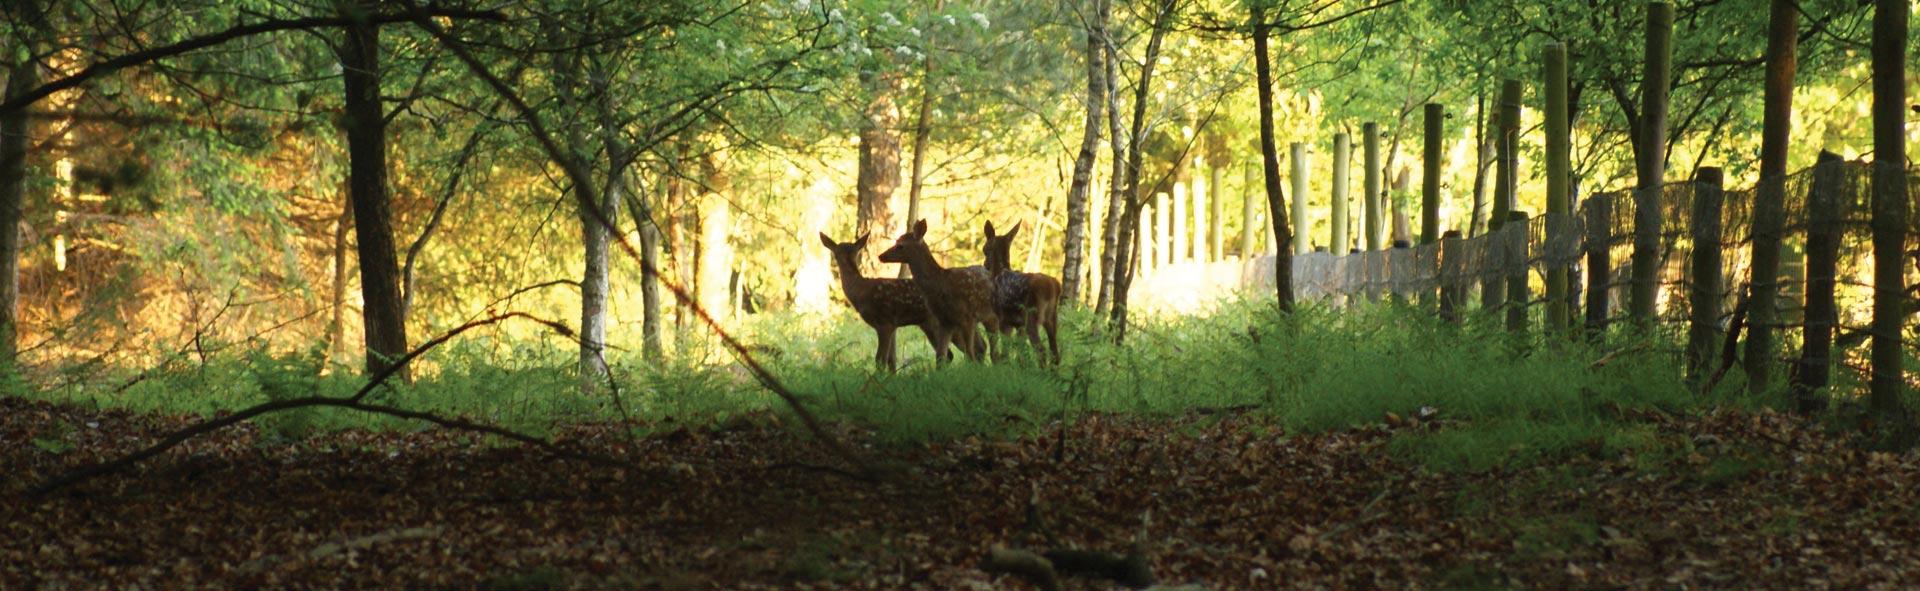 nationale-park-pas-utrechtse-heuvelrug-april-20151